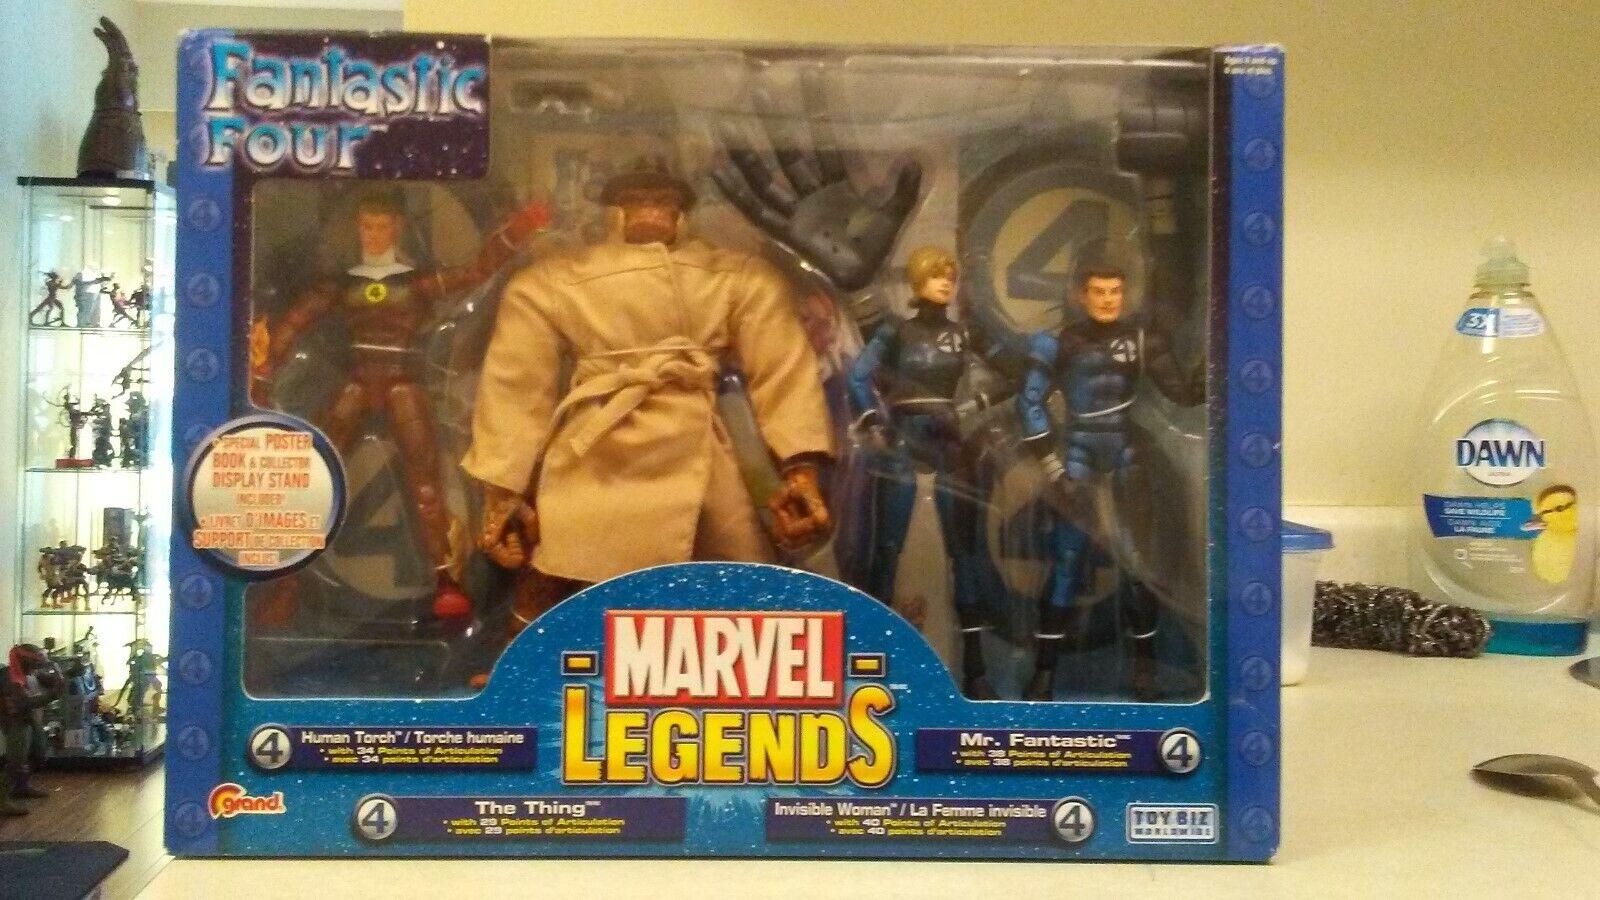 Marvel Legends Fantastic Four Boxset